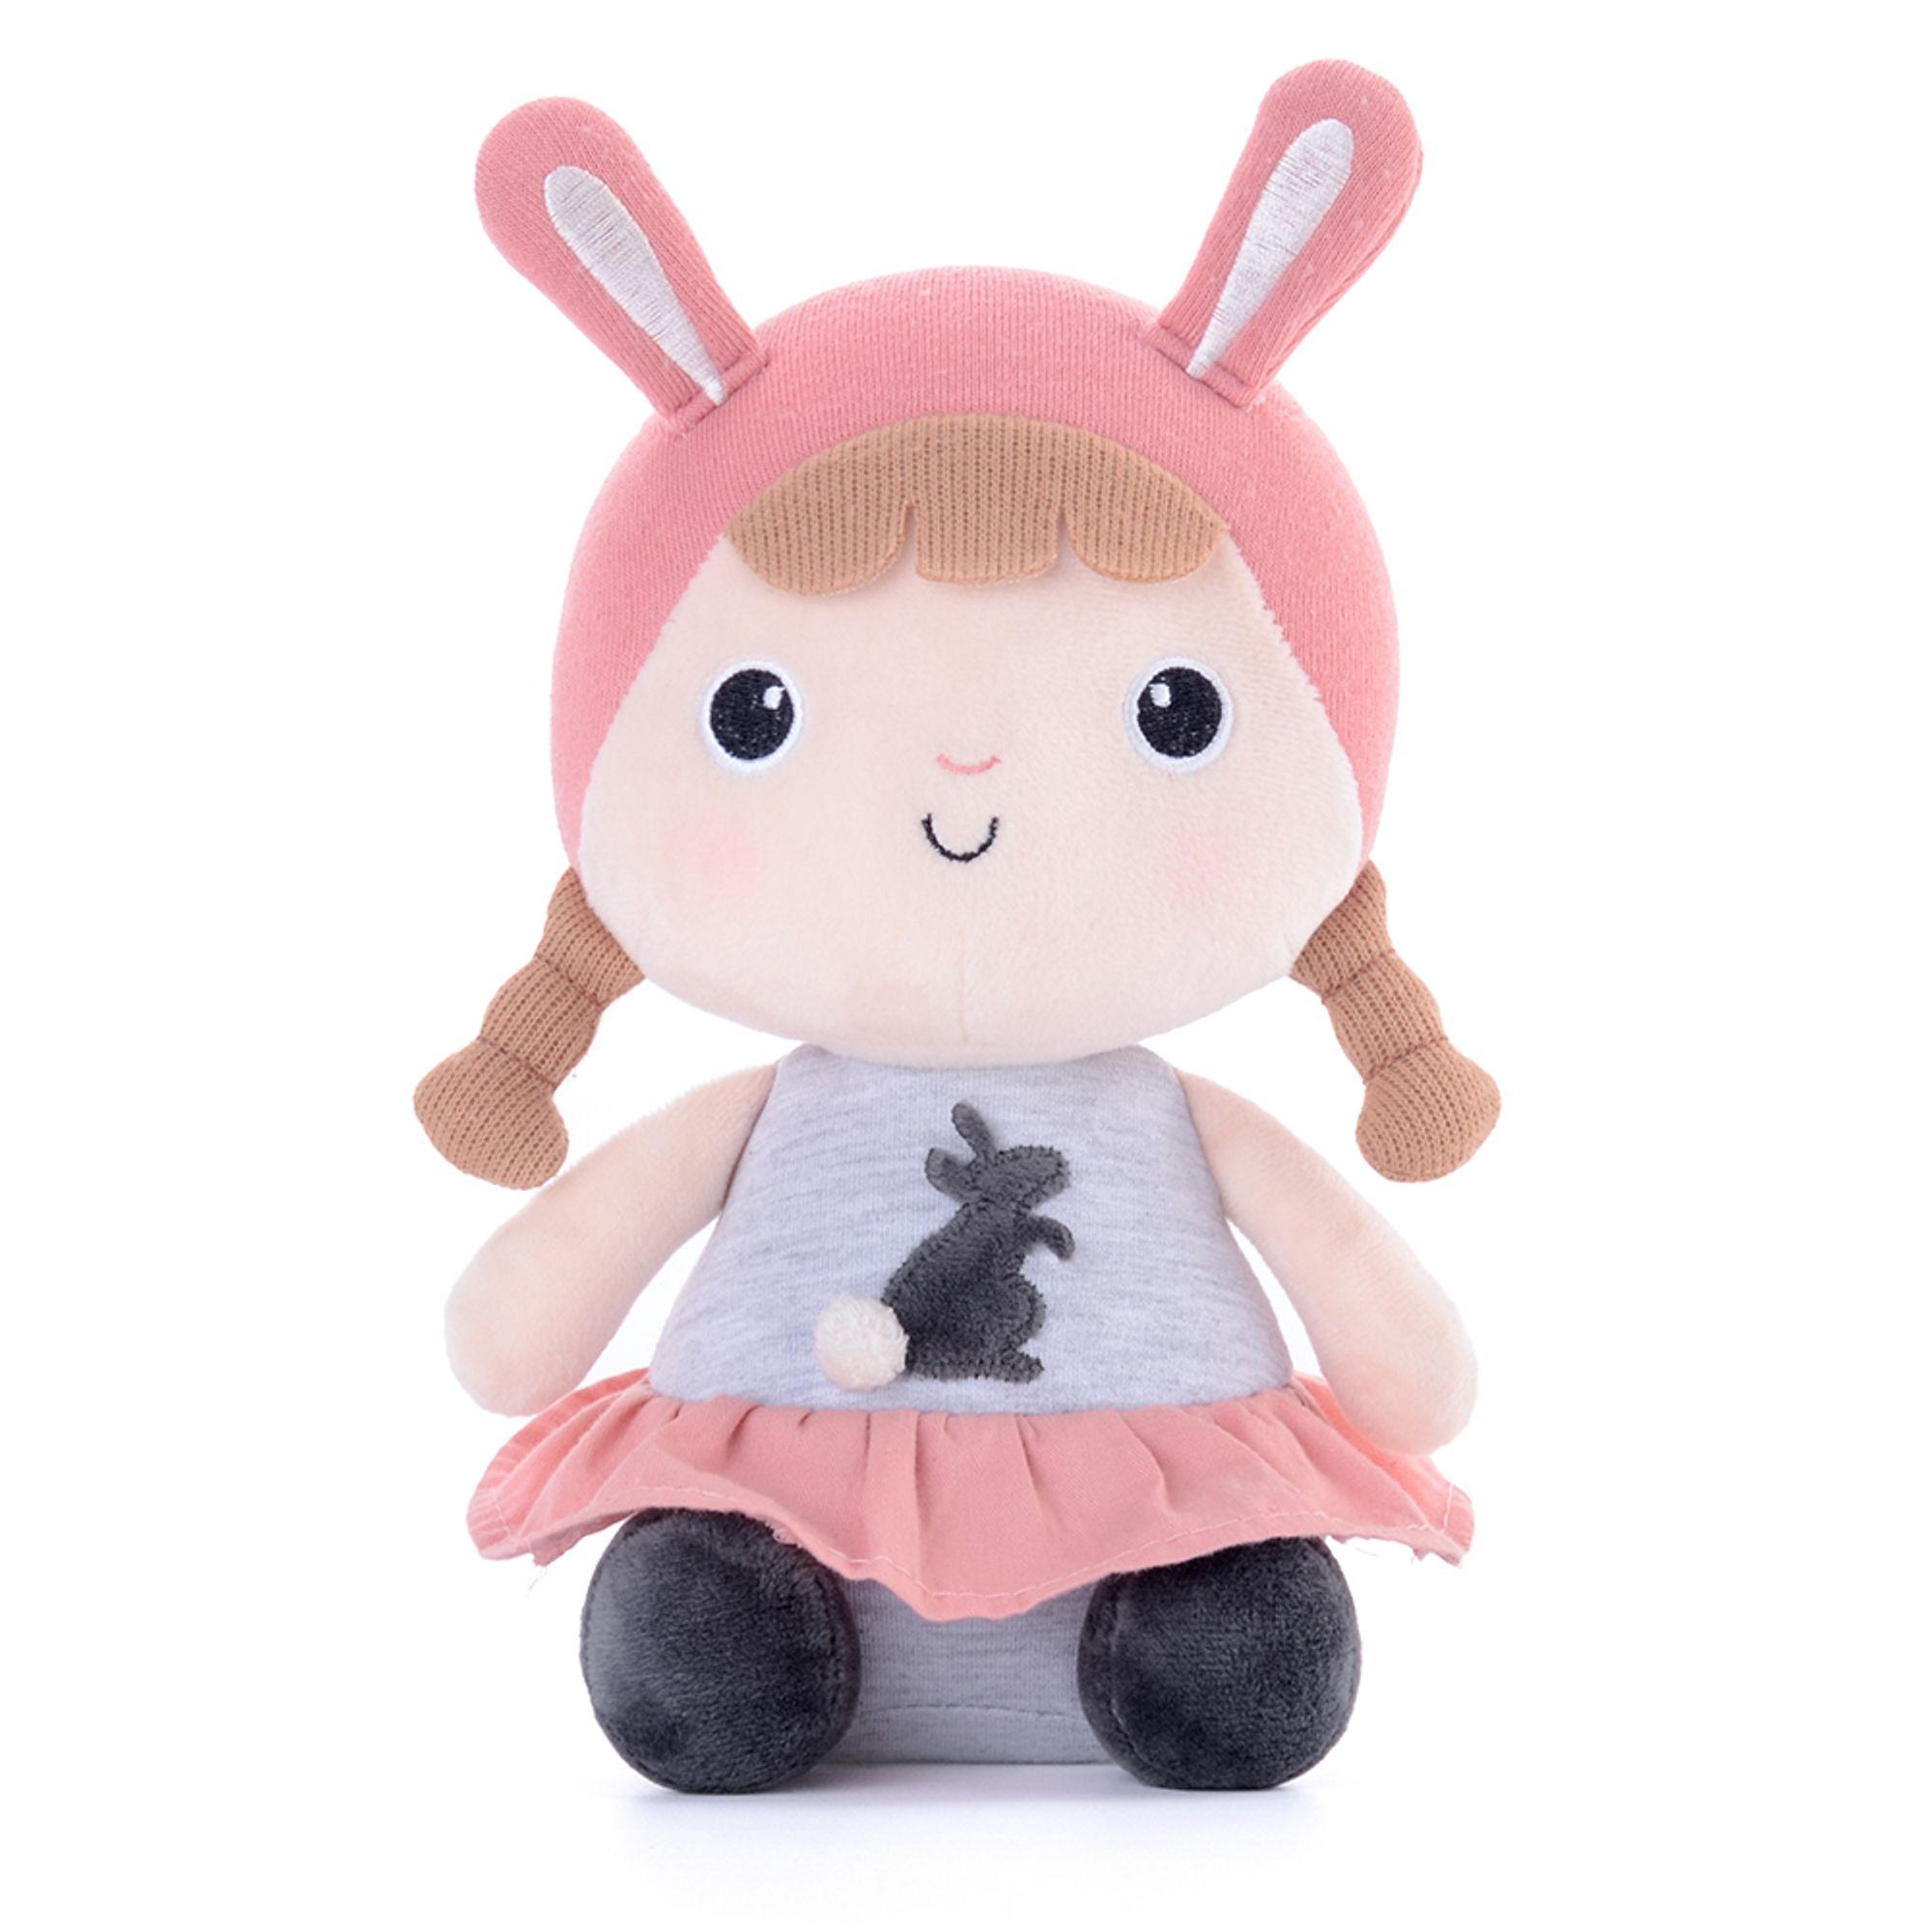 boneca-metoo-naughty-girl-coelhinha-1